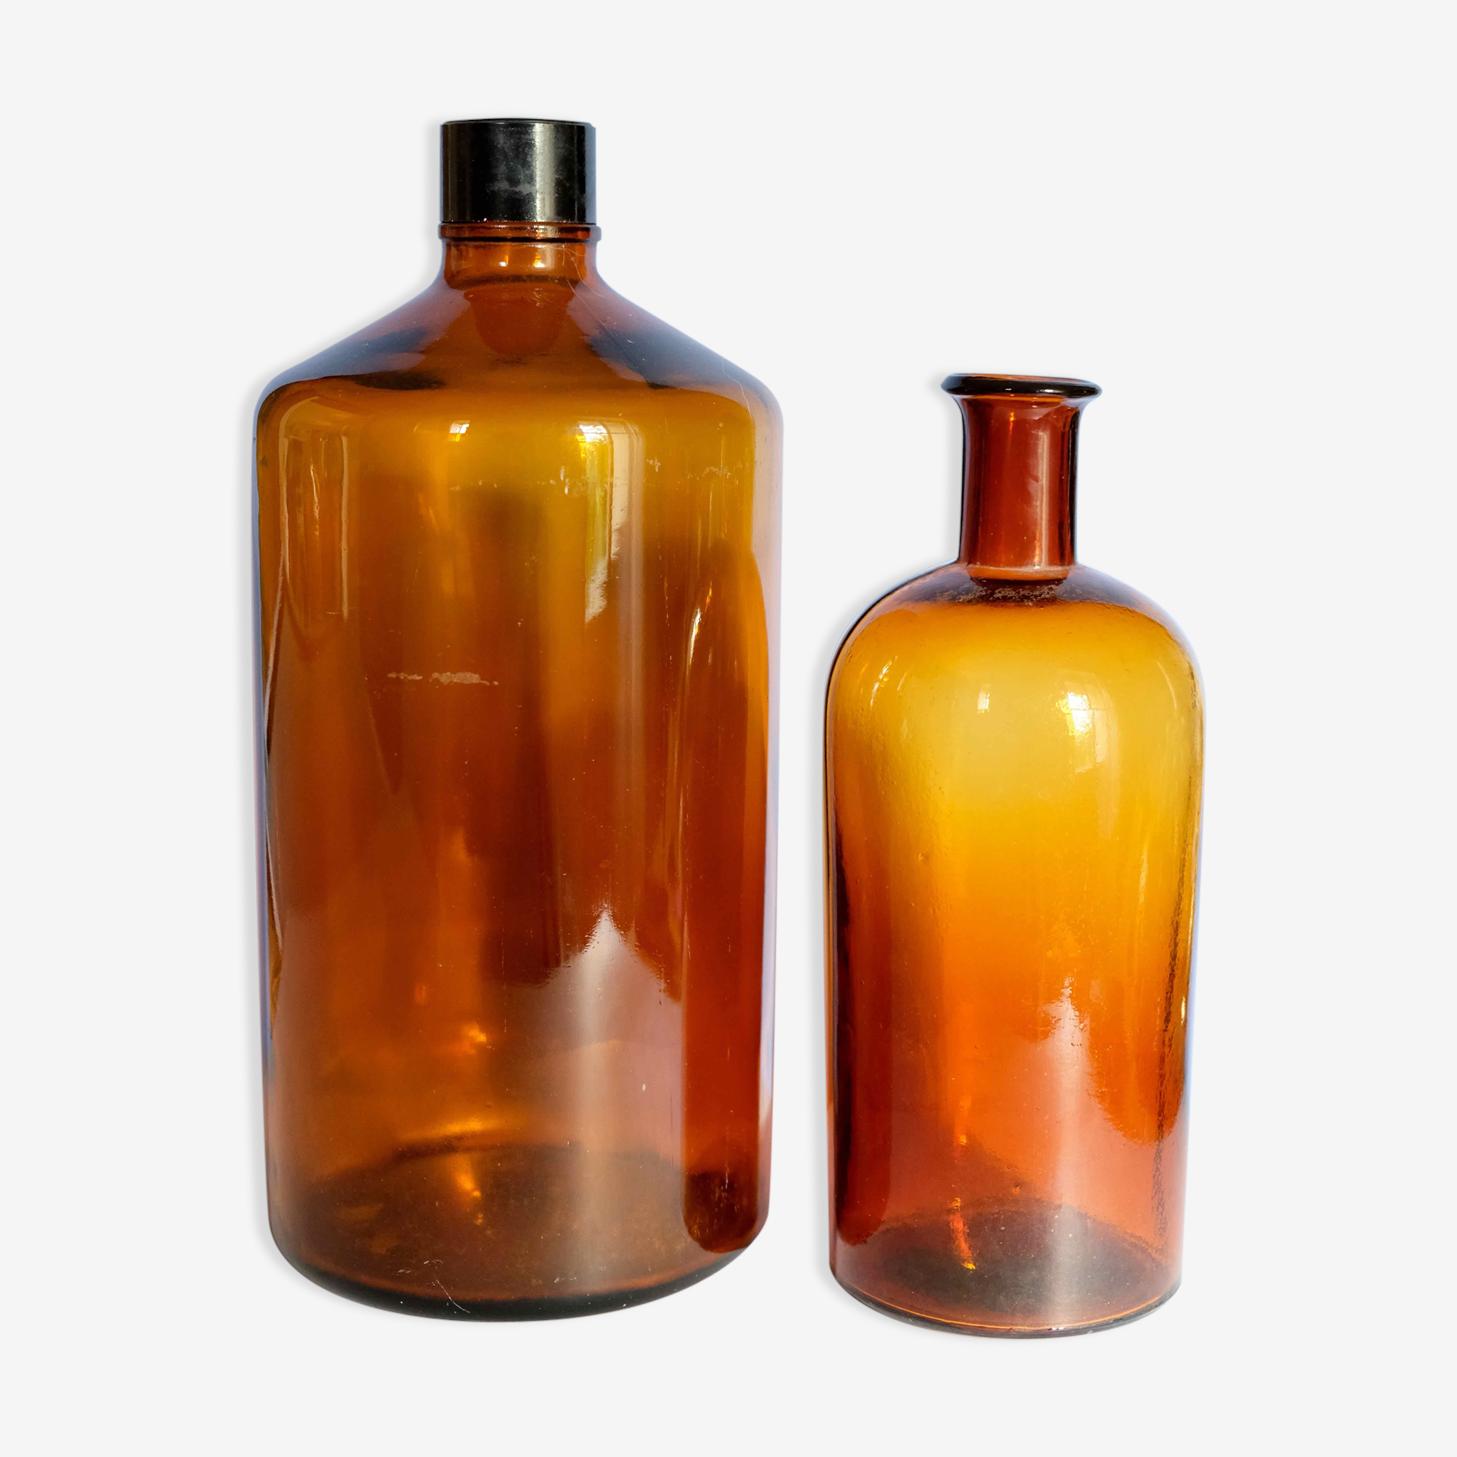 Ensemble de flacons d'apothicaire en verre épais ambré